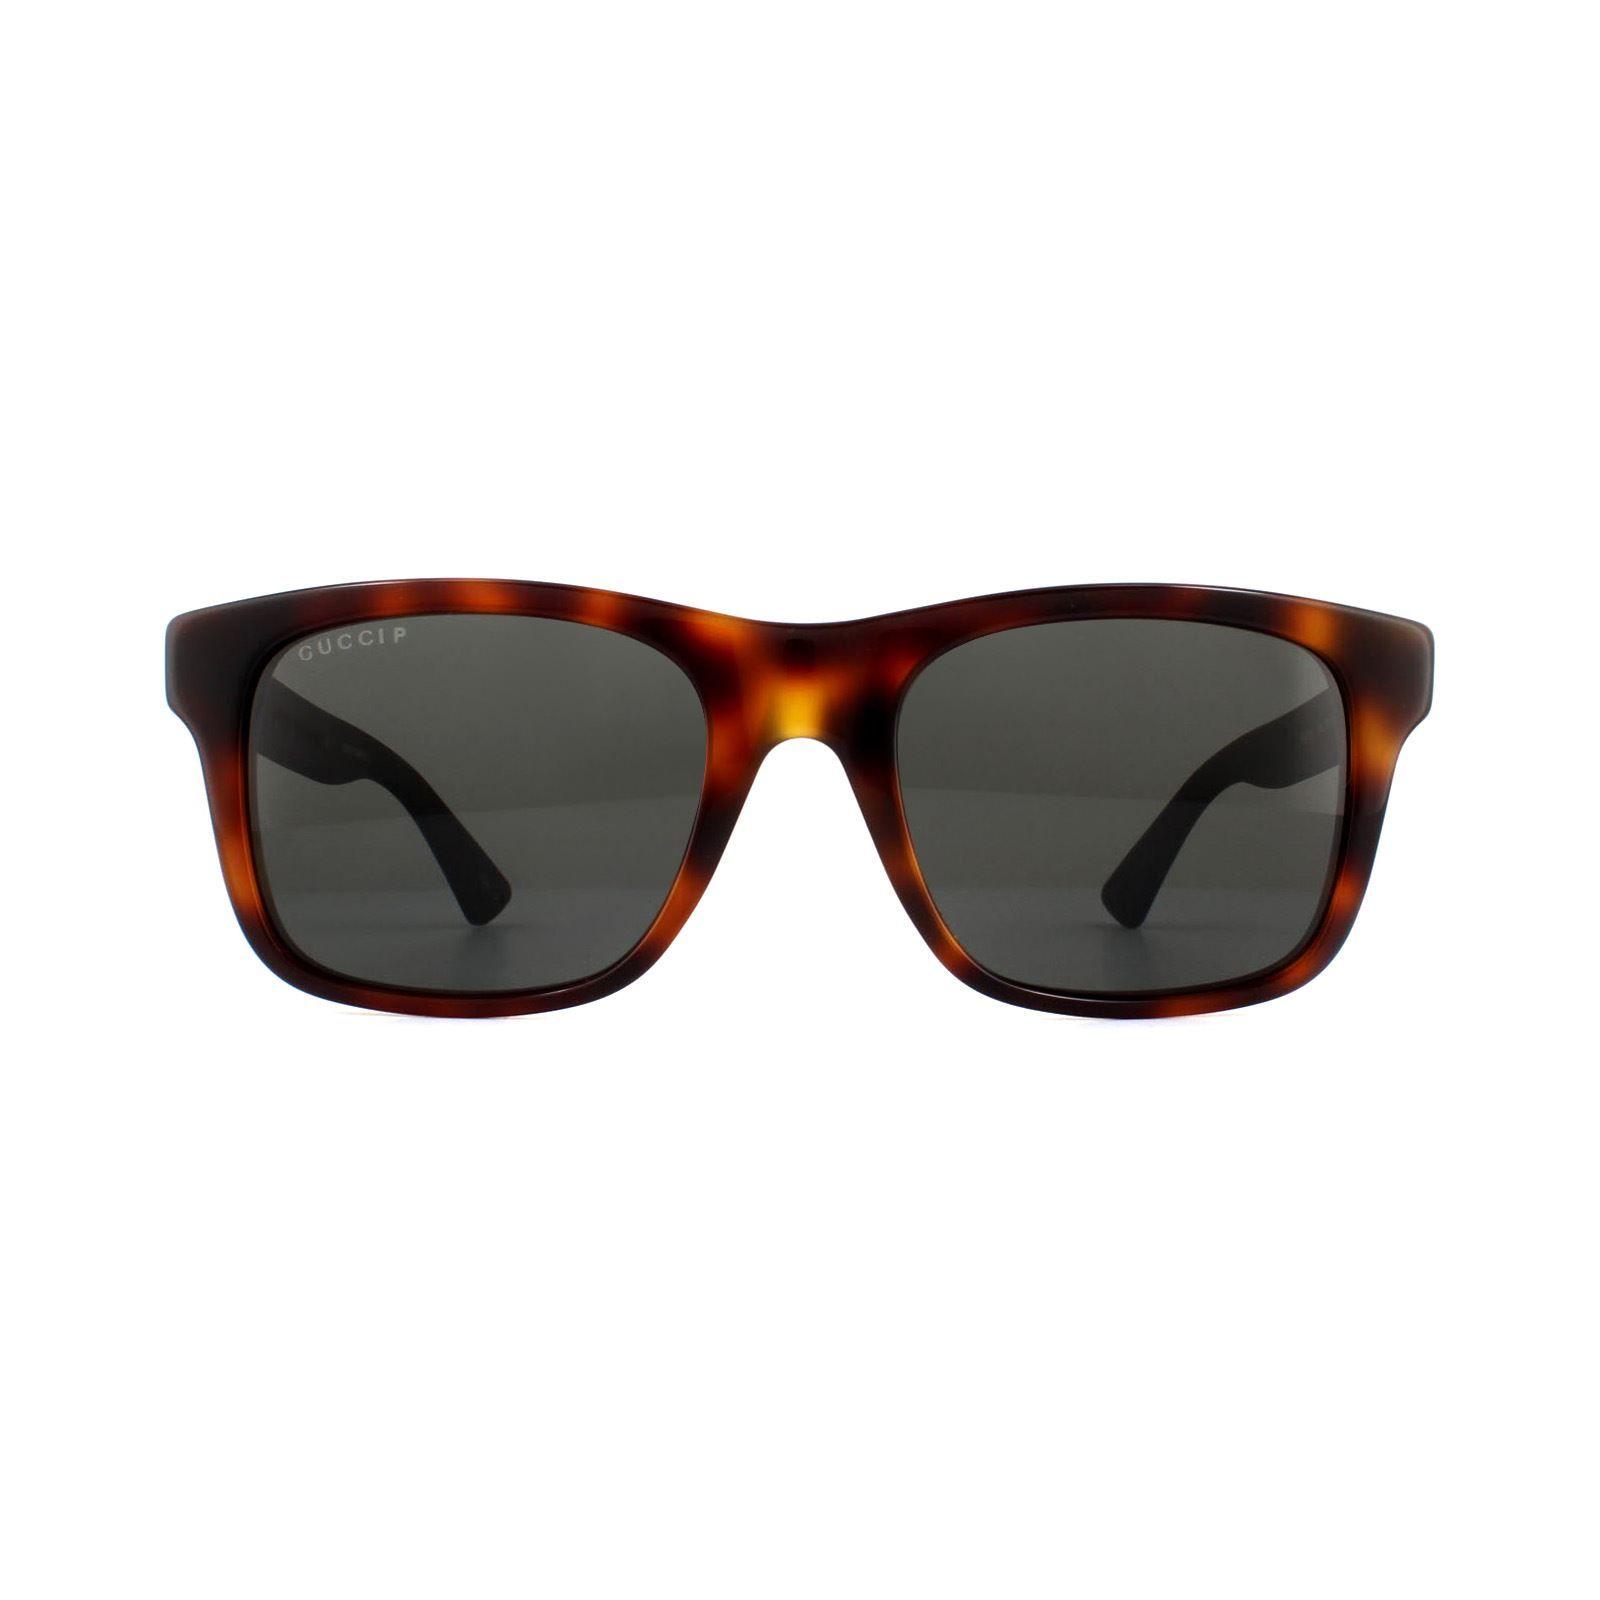 Gucci Sunglasses GG0008S 006 Havana Black Rubber Grey Polarized